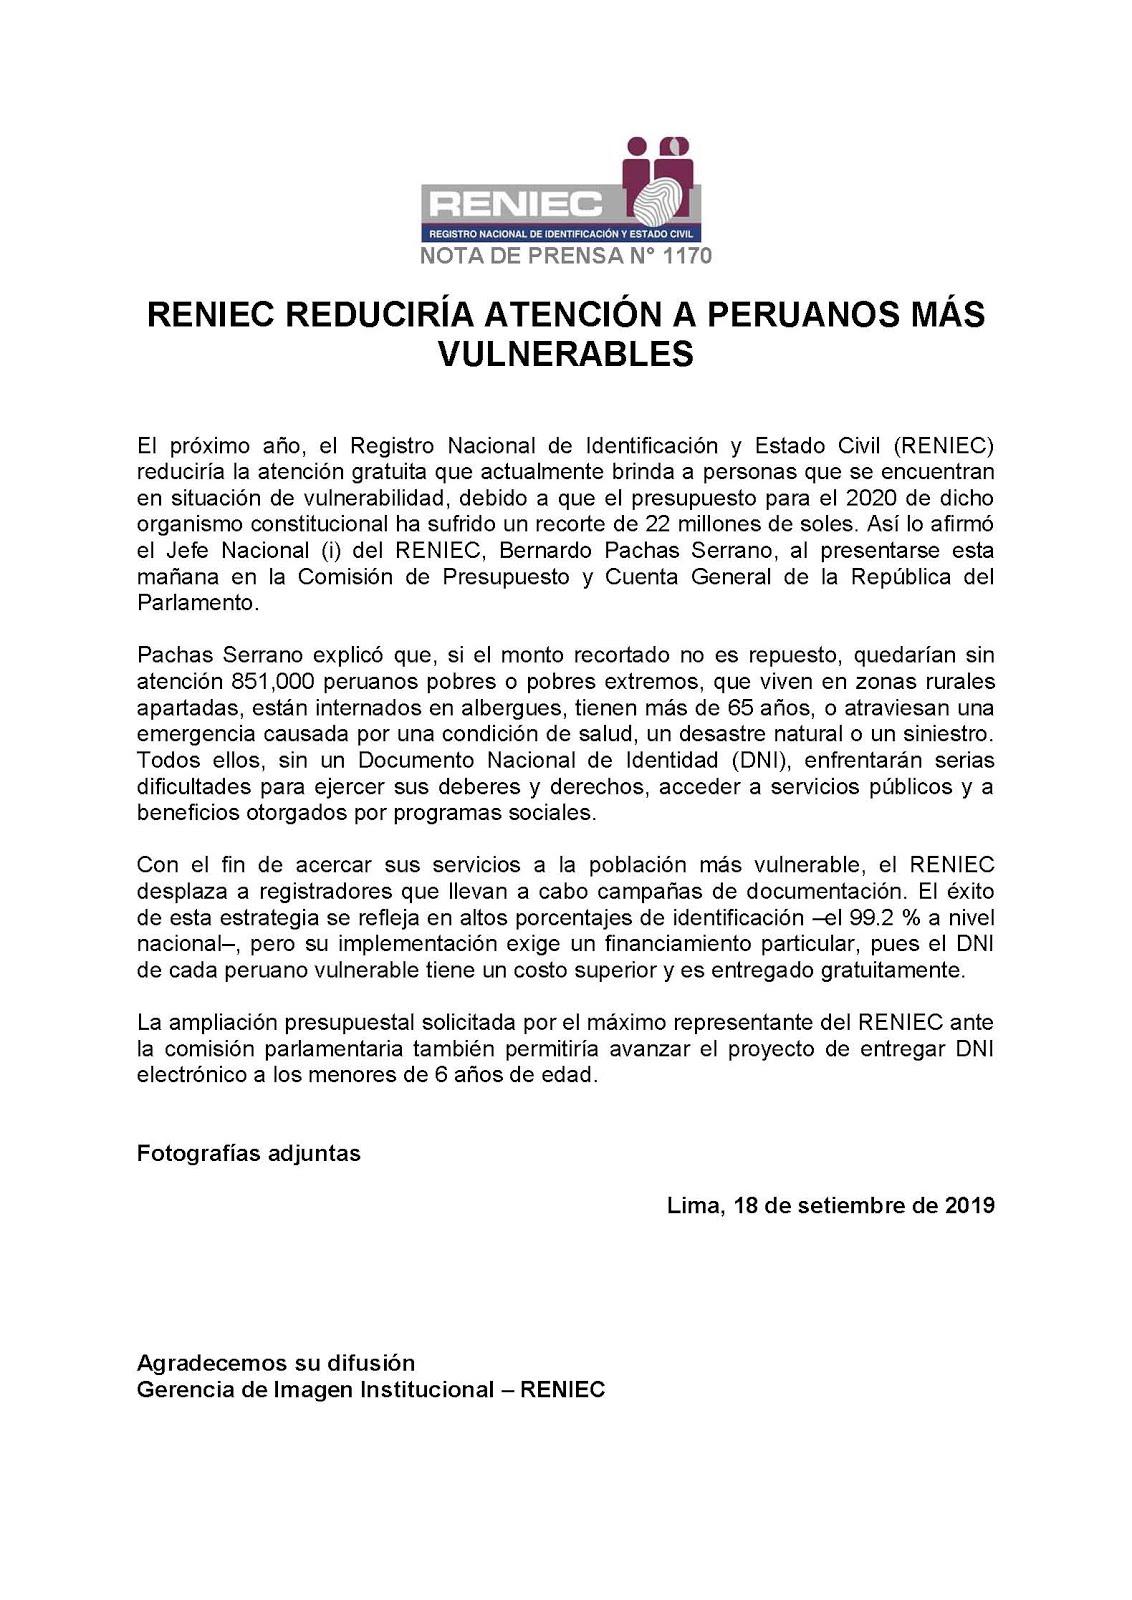 NOTA DE PRENSA - RENIEC